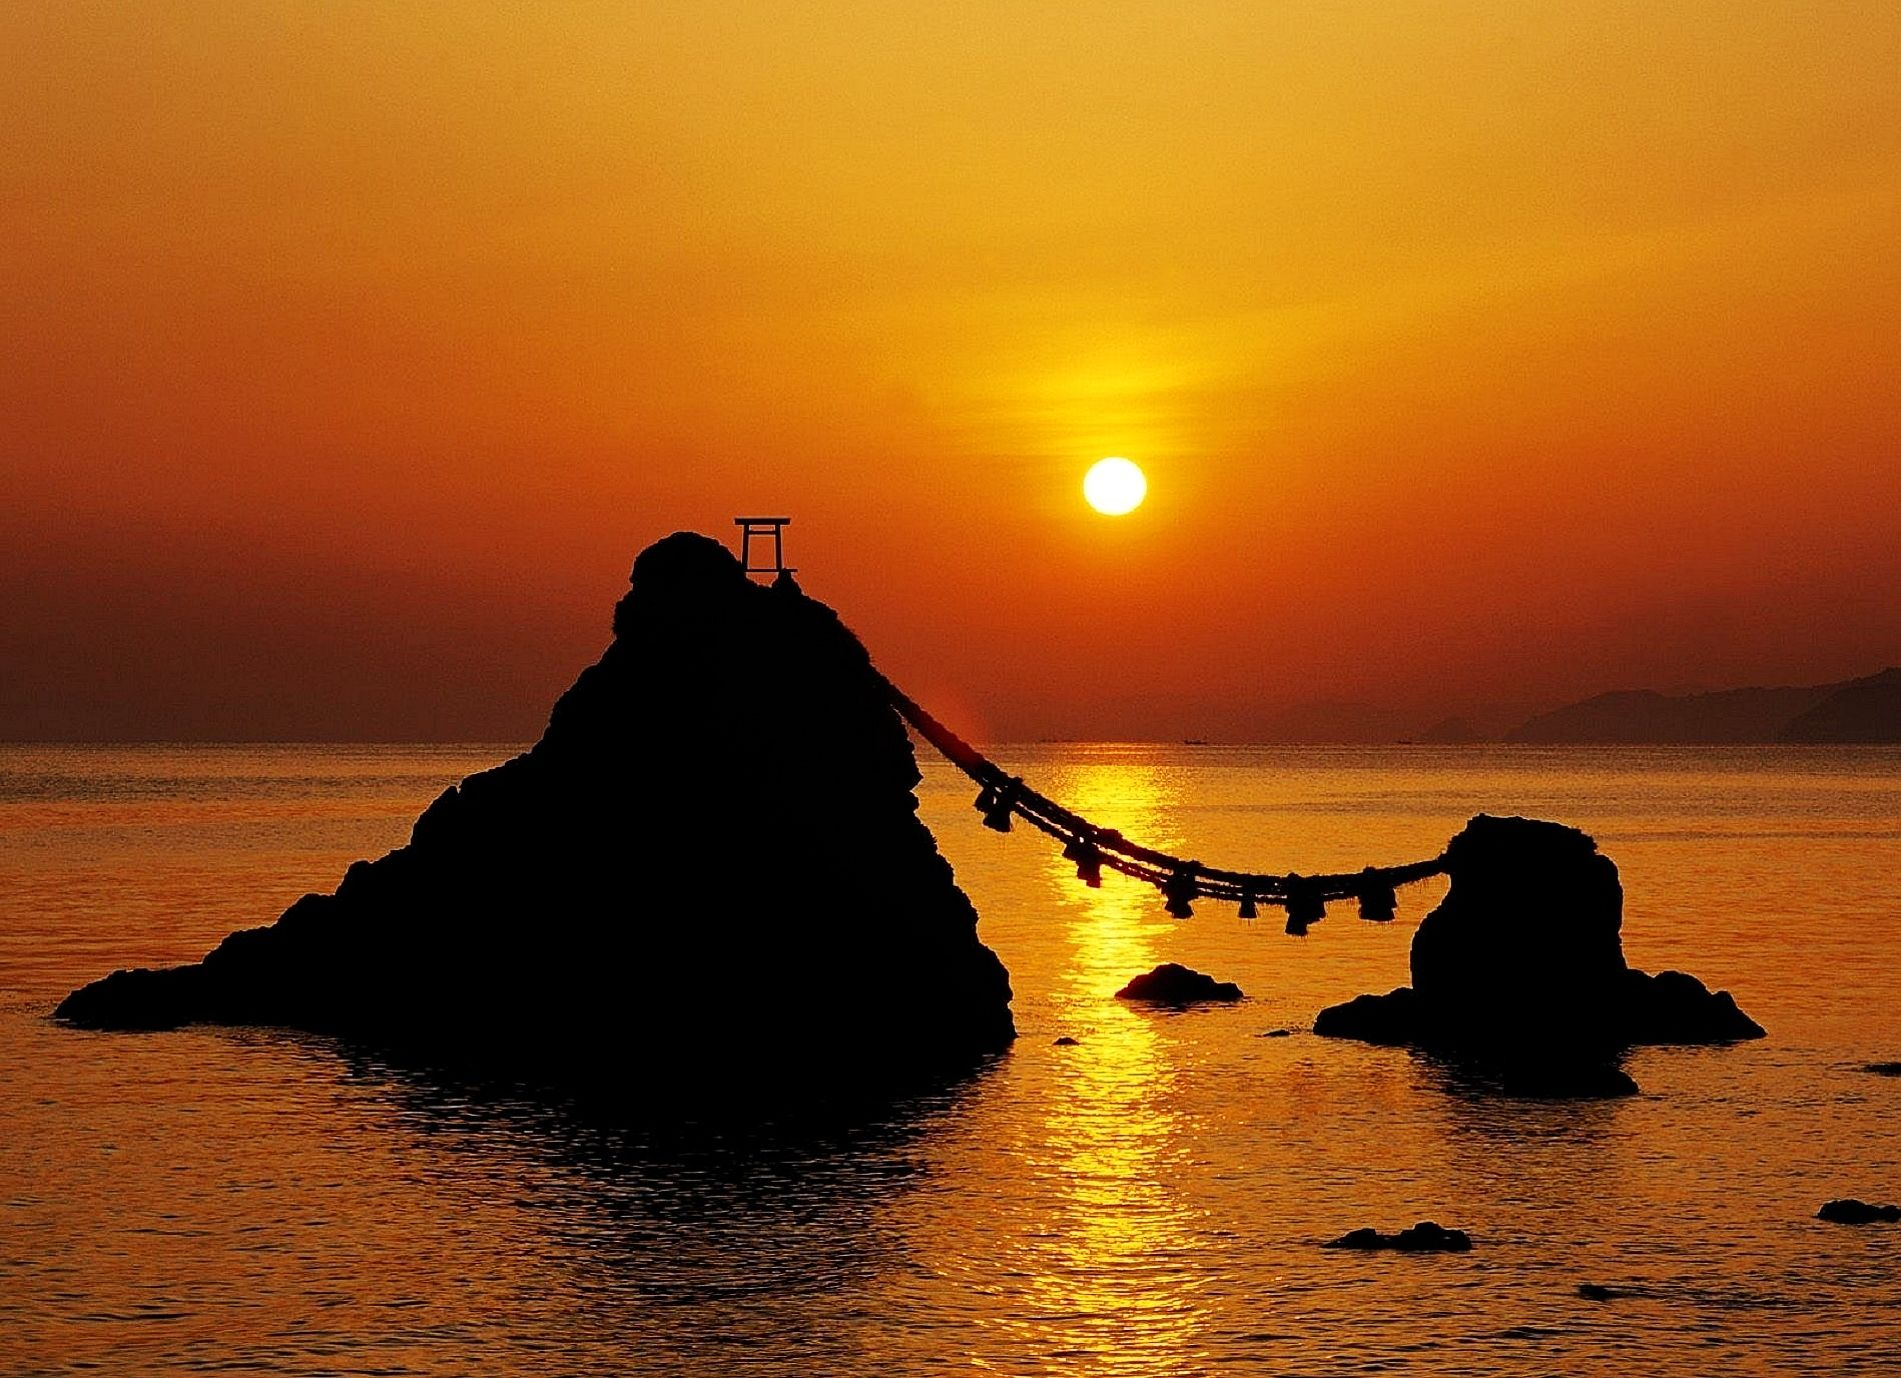 Futami Rope Japan Sunset Sunrise Travel Pictures